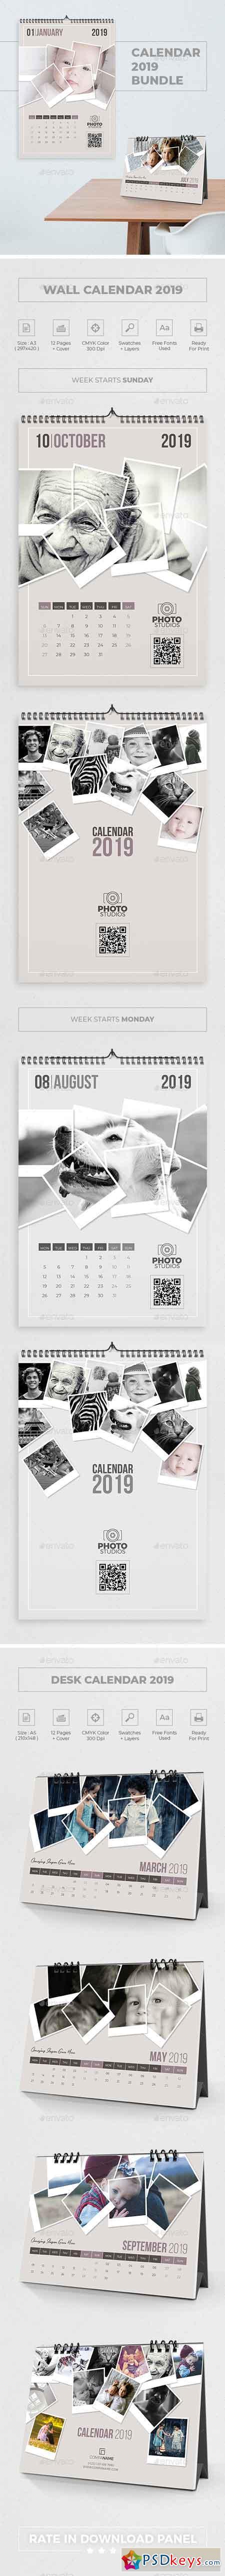 Calendar 2019 Polaroid Photo Bundle 4 22842432